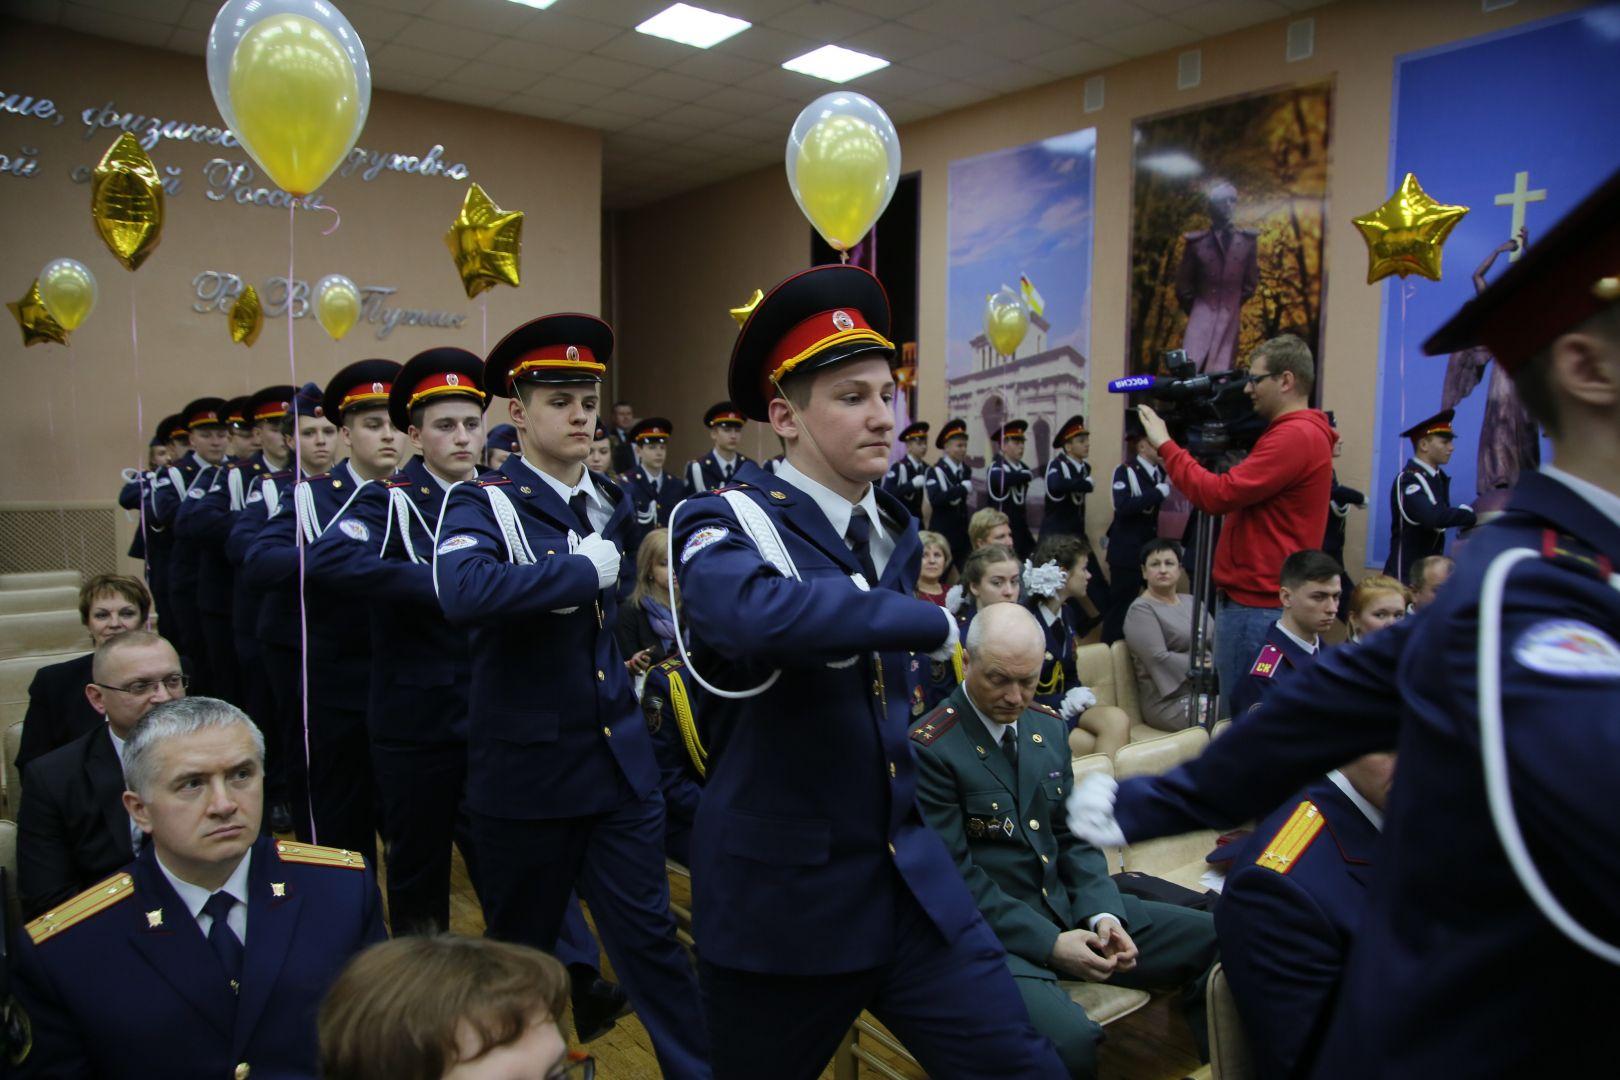 ВСтаврополе проходит Всероссийский слет кадет под патронатом Следственного комитета Российской Федерации